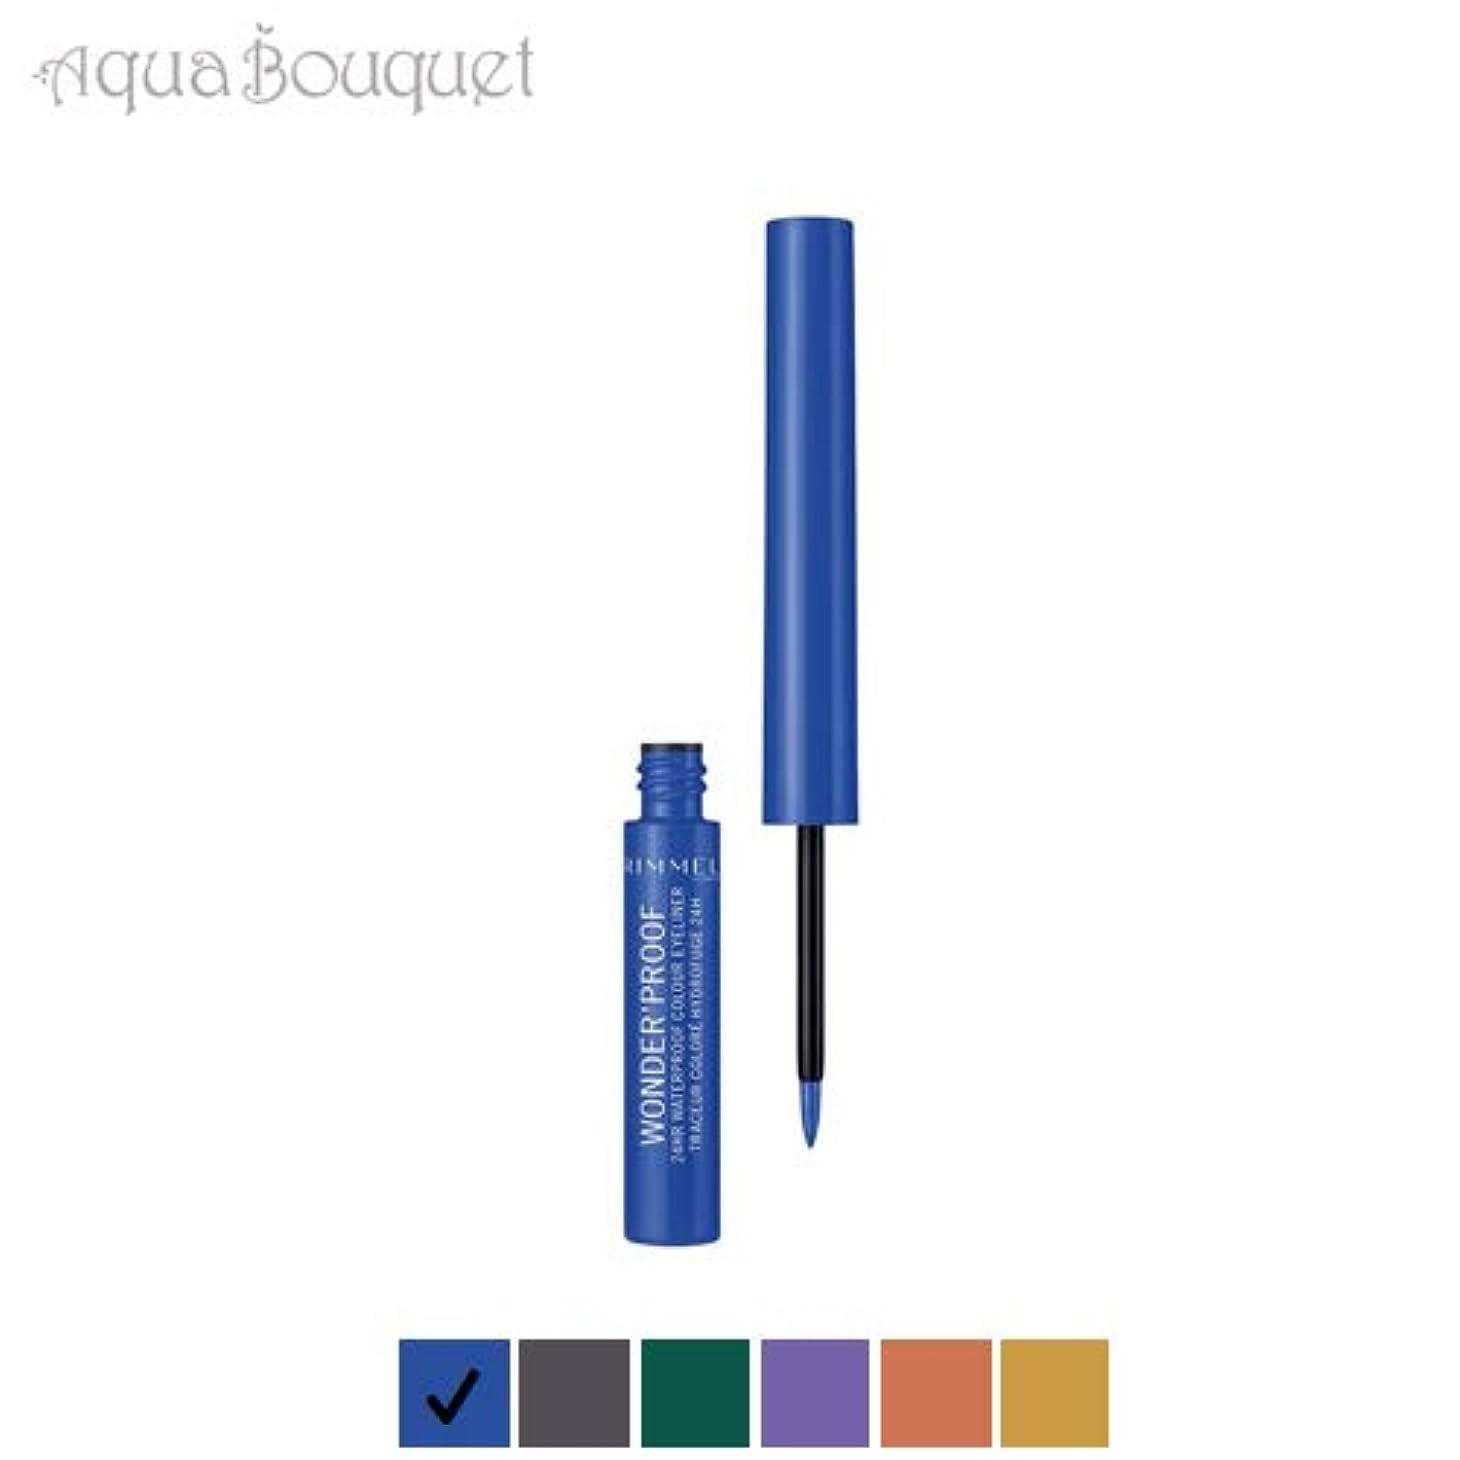 ショップ編集者理由リンメル ワンダープルーフ アイライナー ウォータープルーフ ピュア ブルー (05 PURE BLUE) RIMMEL WONDER'PROOF 24HR WP EYEL [並行輸入品]